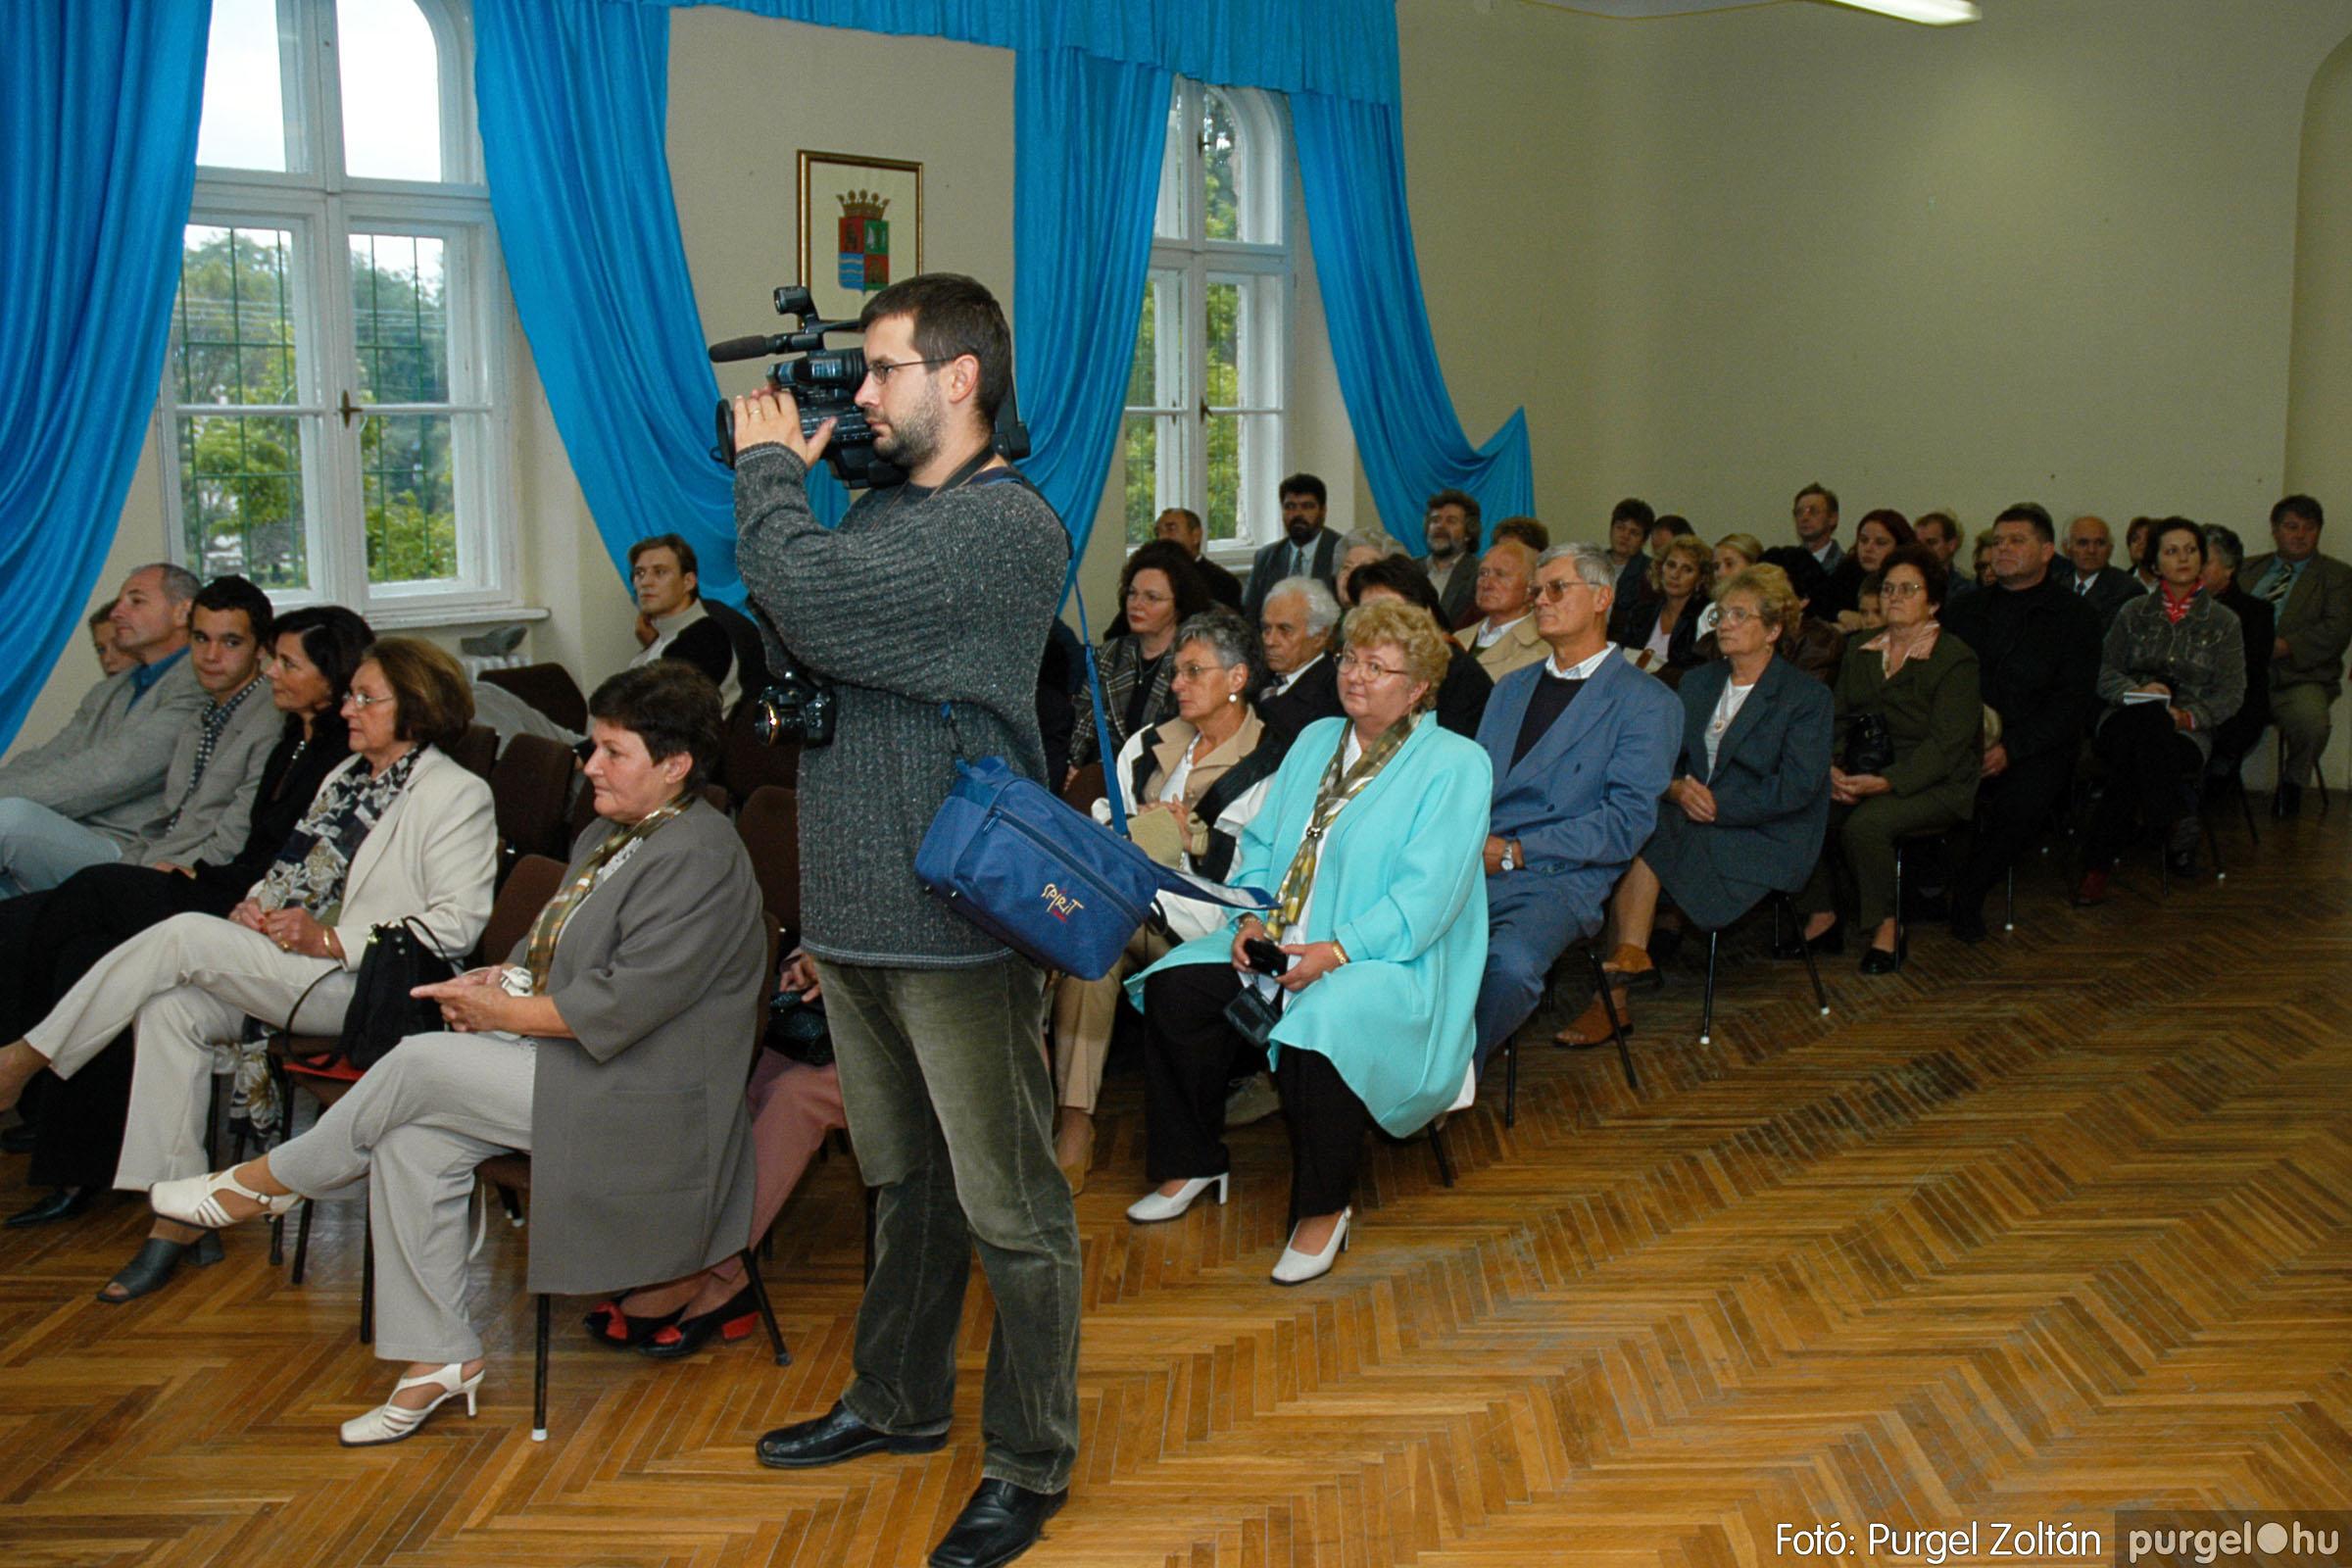 2004.09.25. 014 Dr. Csergő Károly alispán és kora című kiállítás és emléktábla avatás - Fotó:P. Z.©.jpg